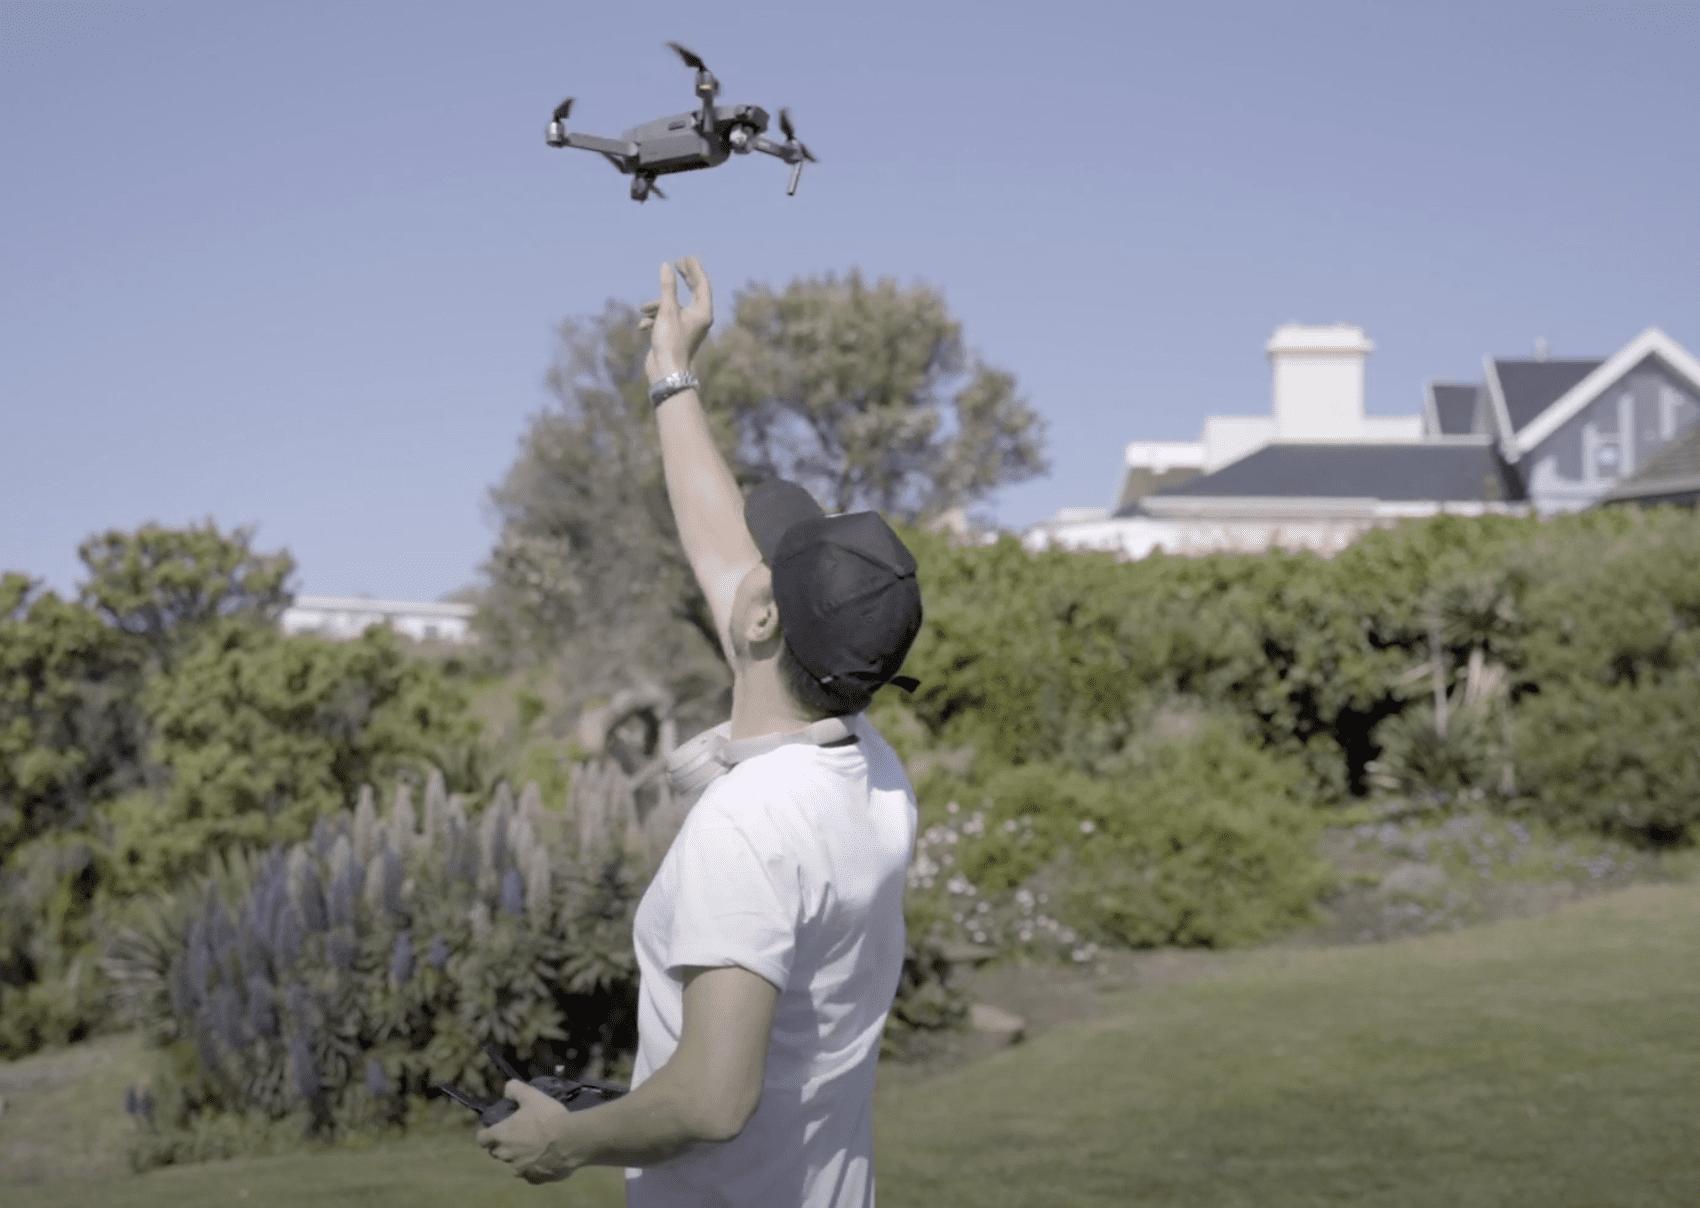 person releasing drone camera